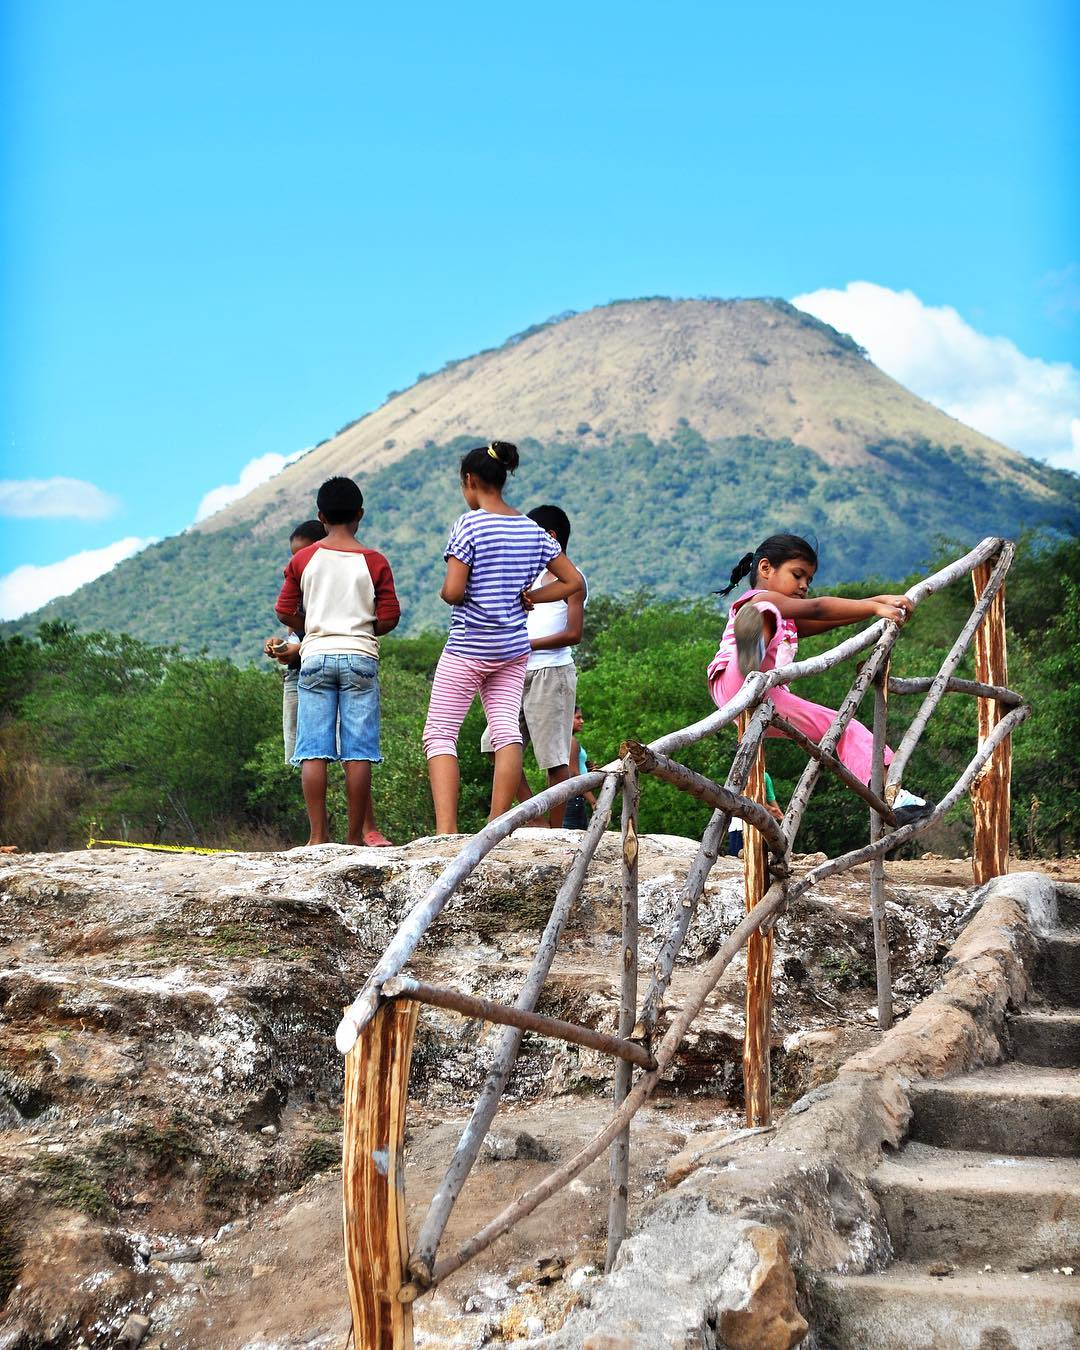 San Jacinto, Leon, Nicaragua